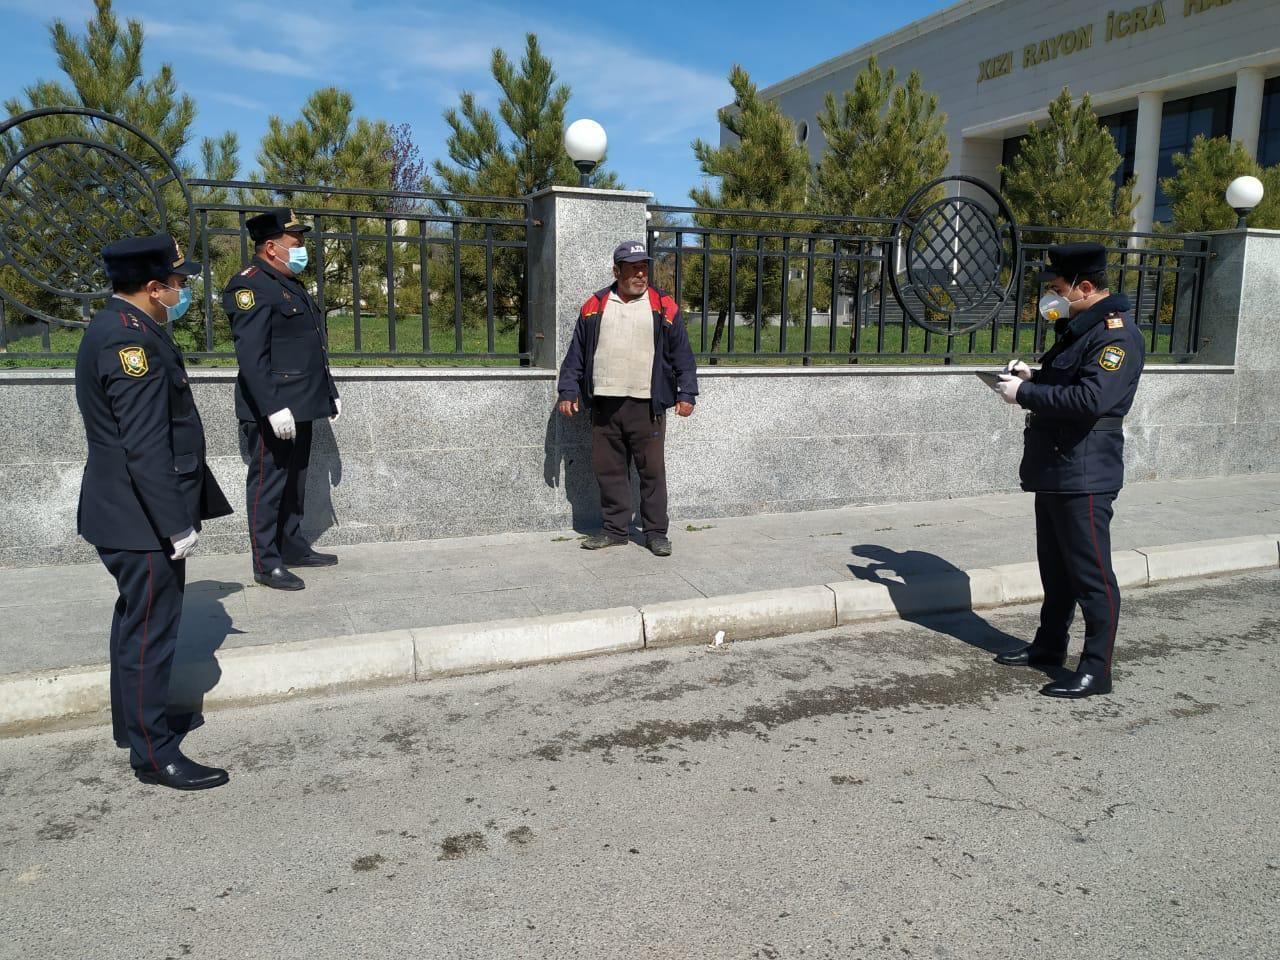 За нарушение карантинного режима в Хызы привлечены к ответственности 15 человек